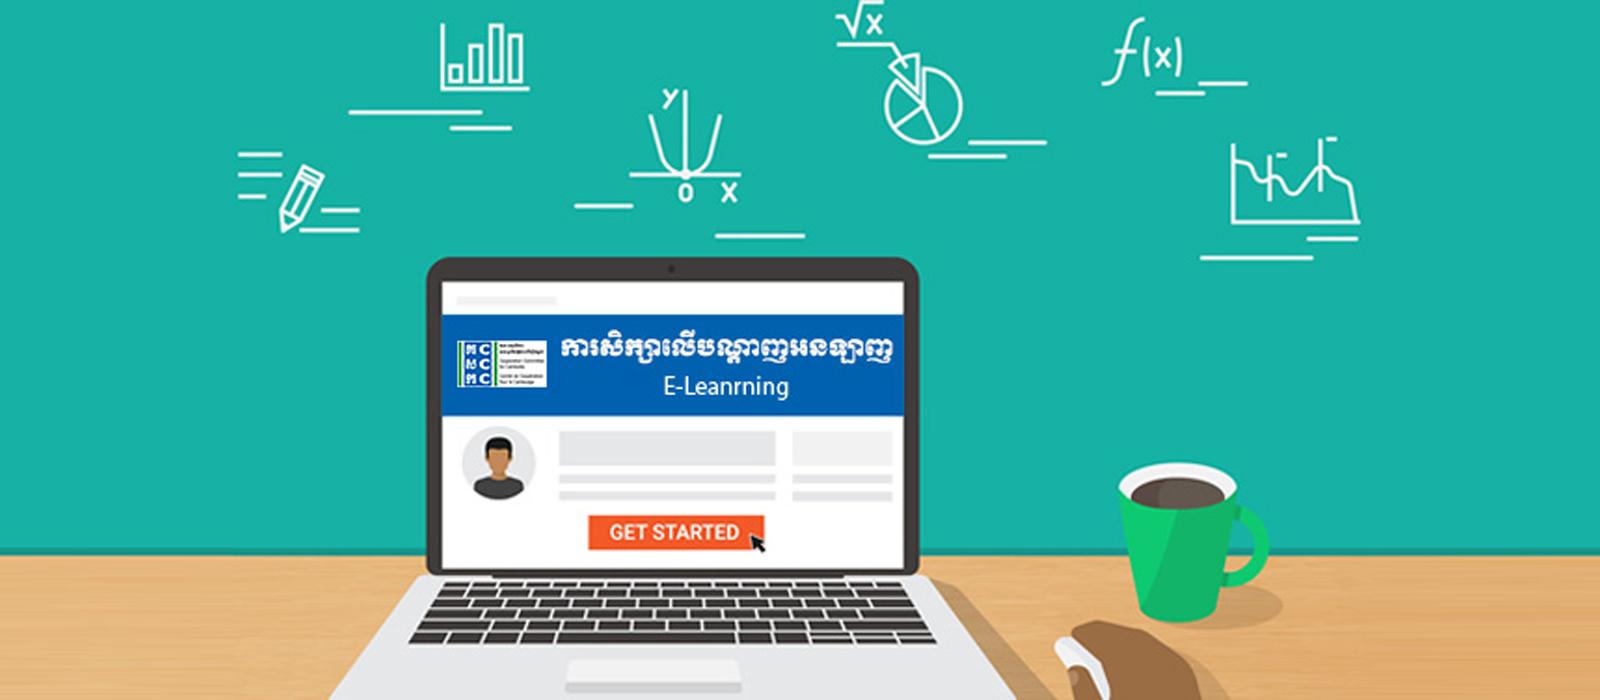 E-learning osvaja svijet: Ovo su sve prednosti studiranja online